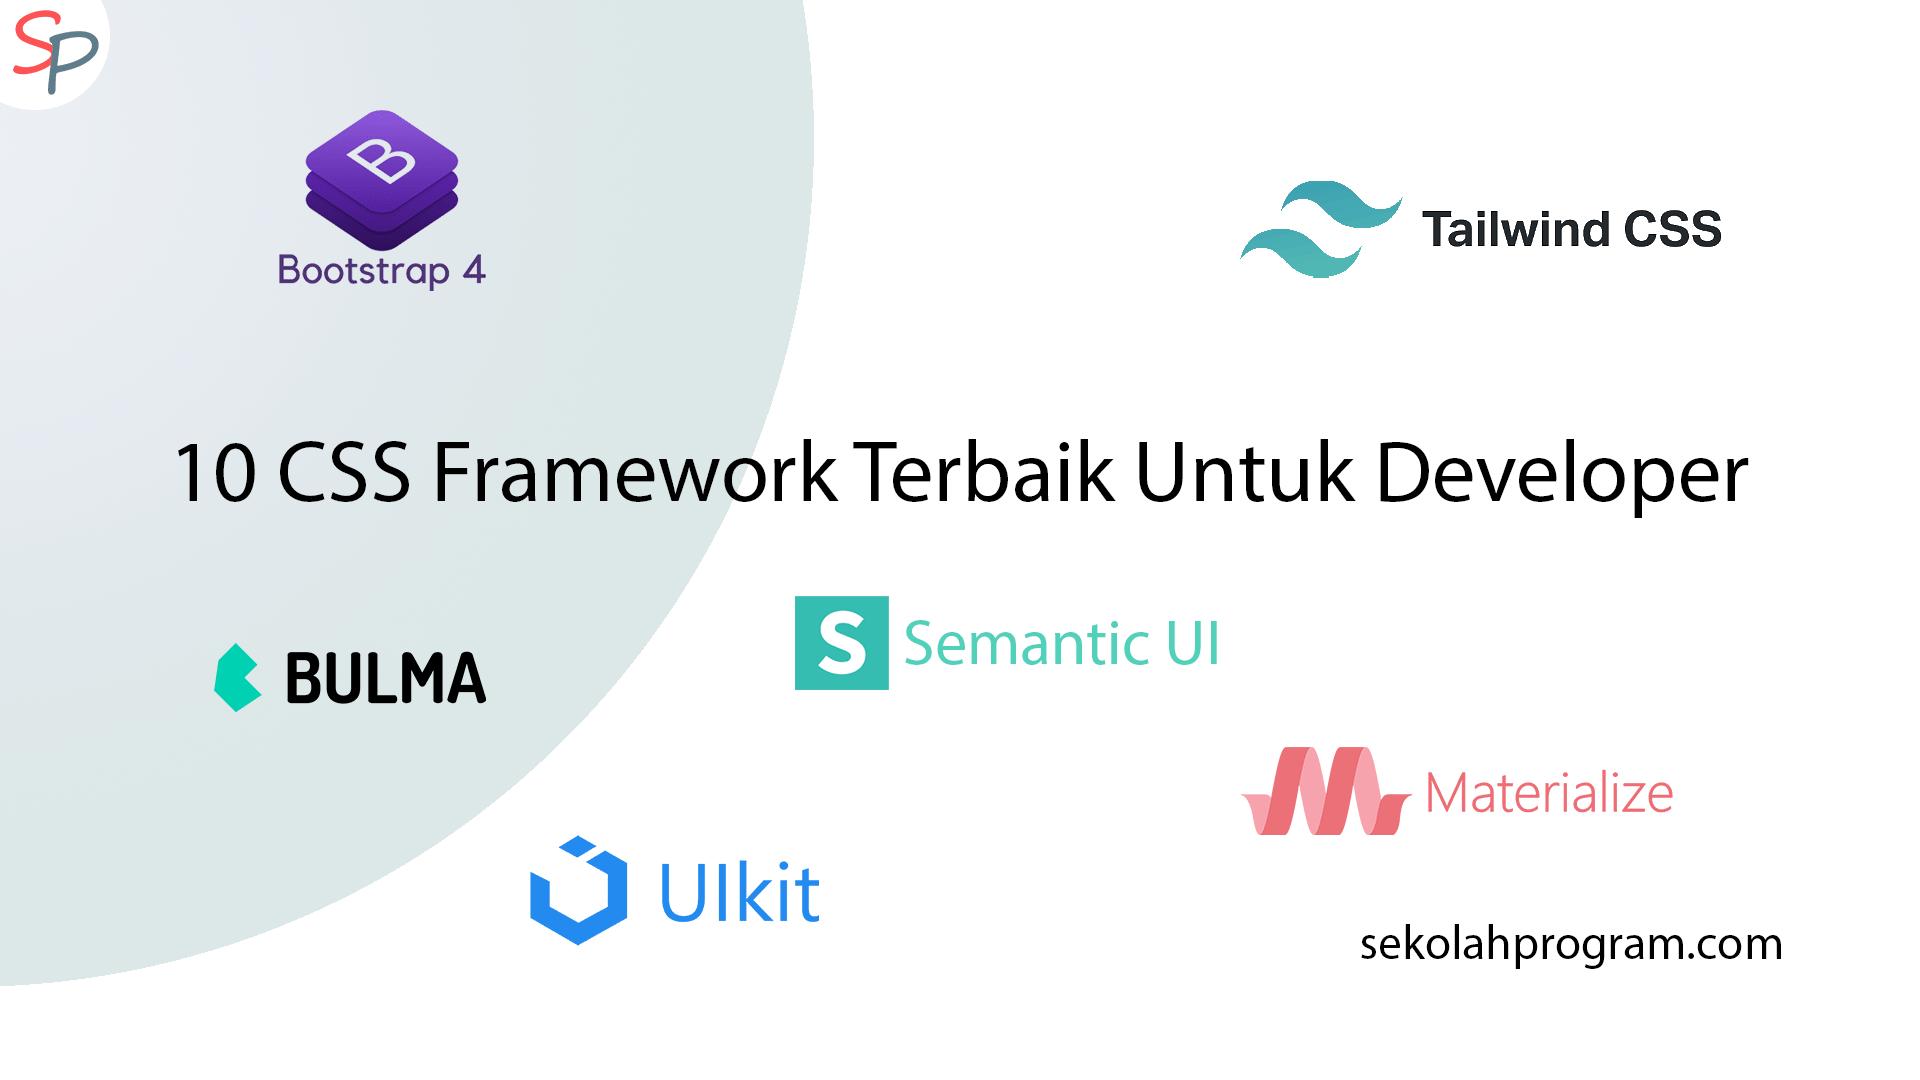 10 CSS Framework Terbaik Untuk Developer